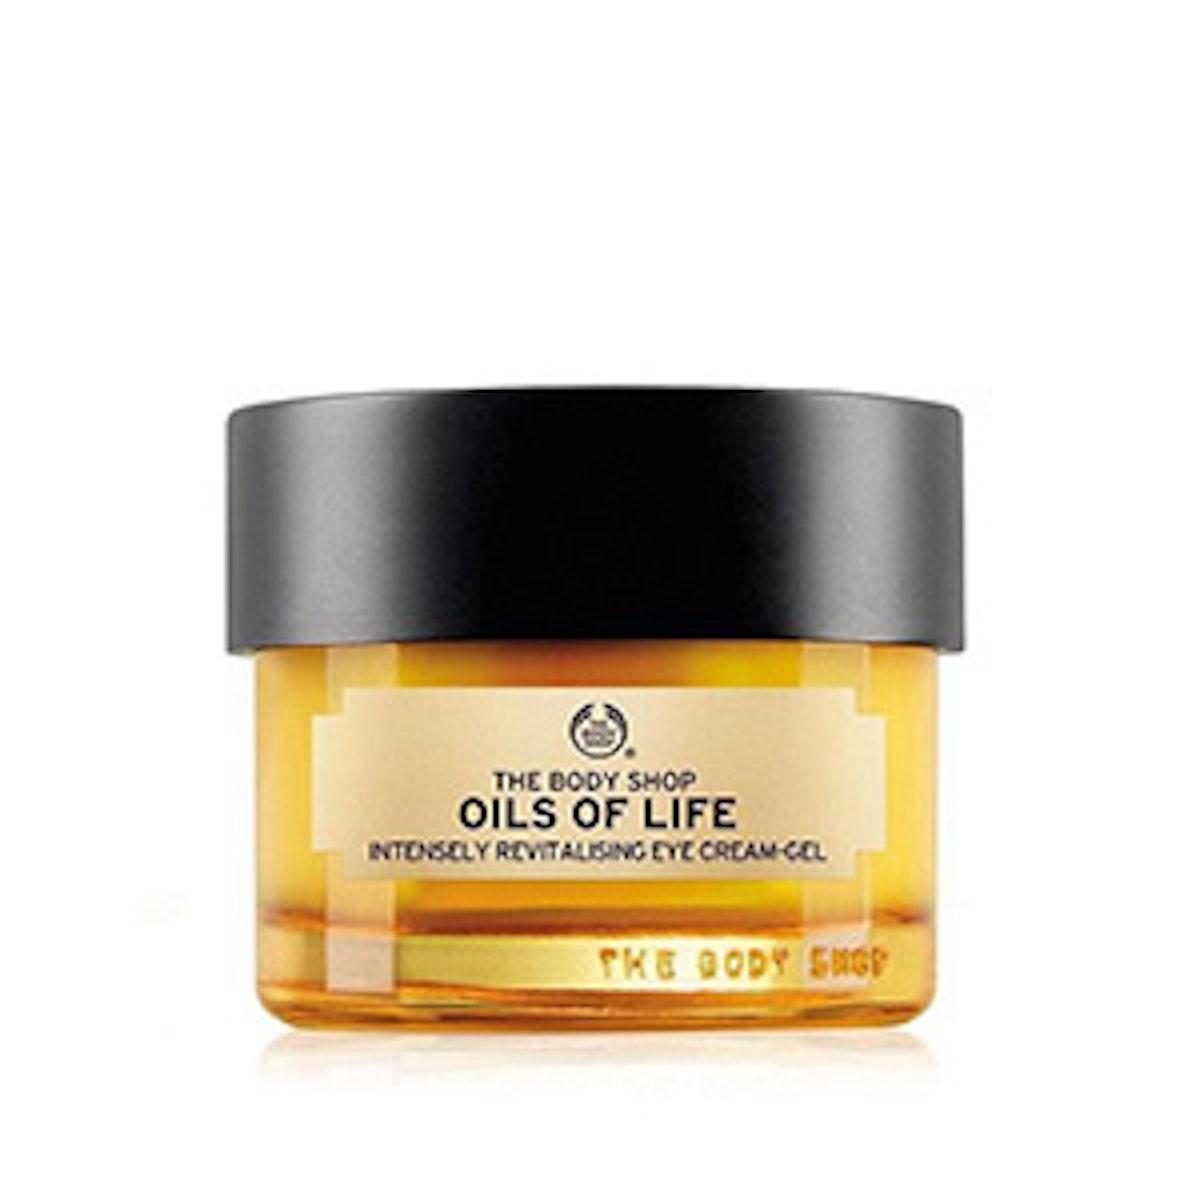 Oils Of Life Intensely Revitalizing Eye Cream-Gel